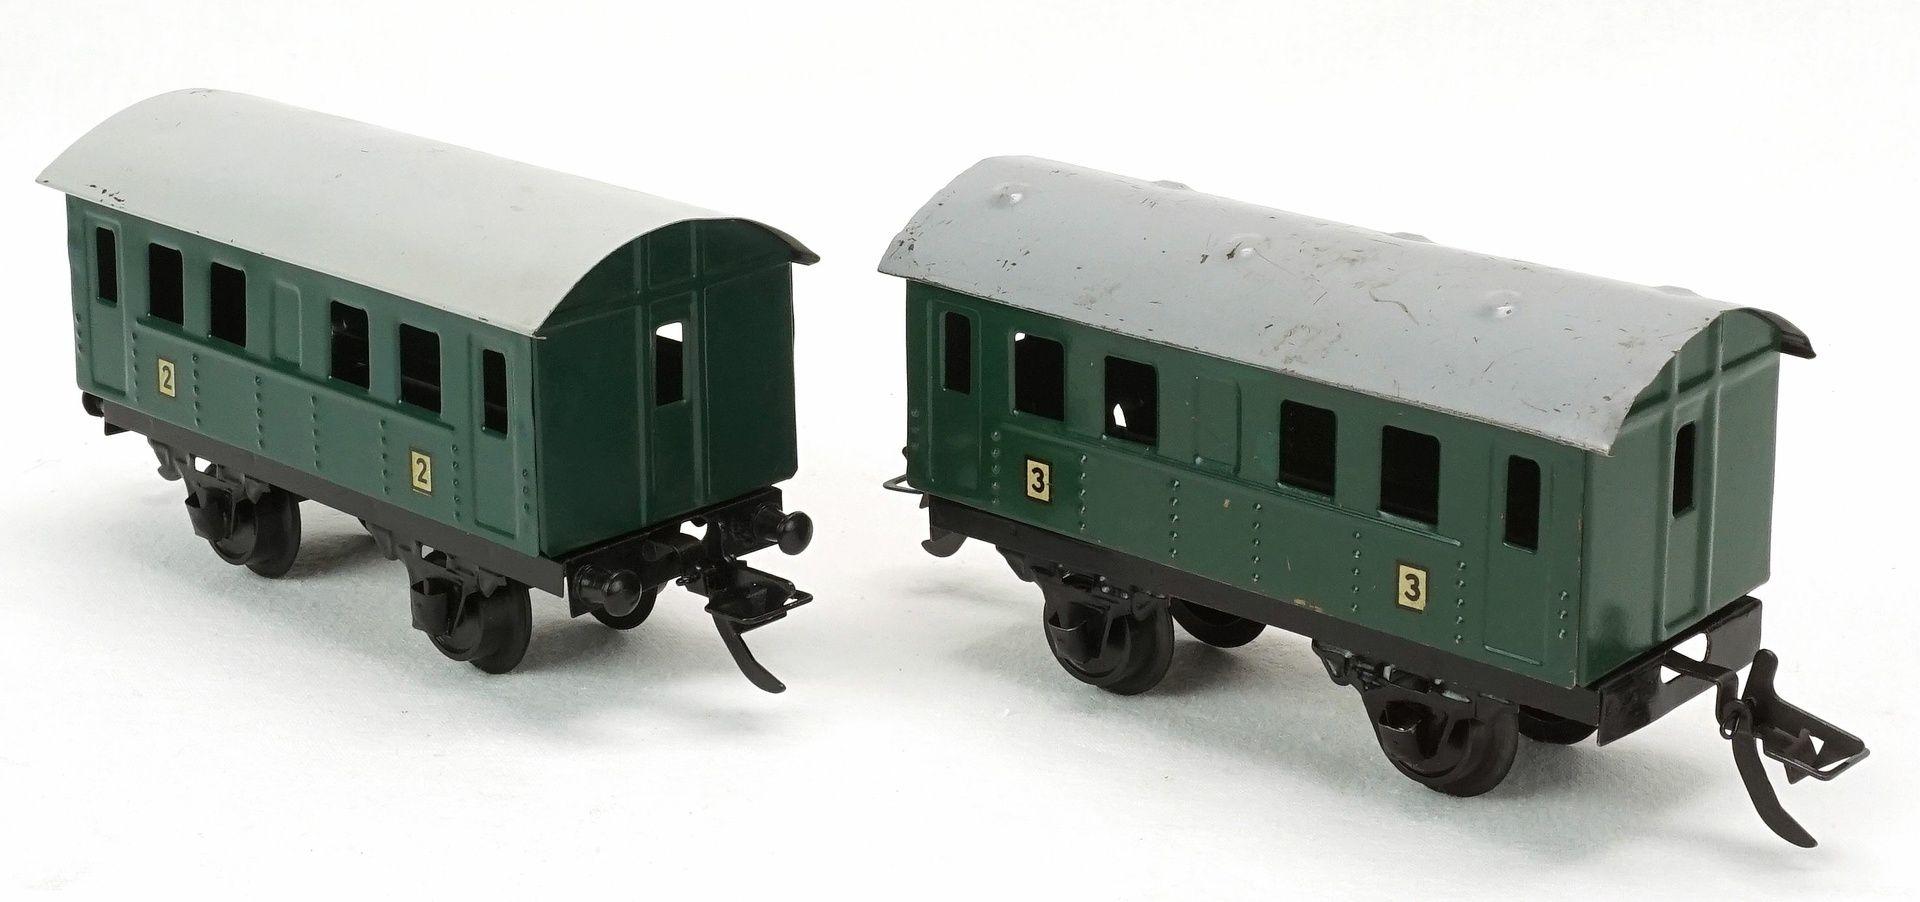 Fünf Zeuke Bahnen Personen- und Güterwagen, Spur 0, 2. Hälfte 20. Jh. - Bild 3 aus 5